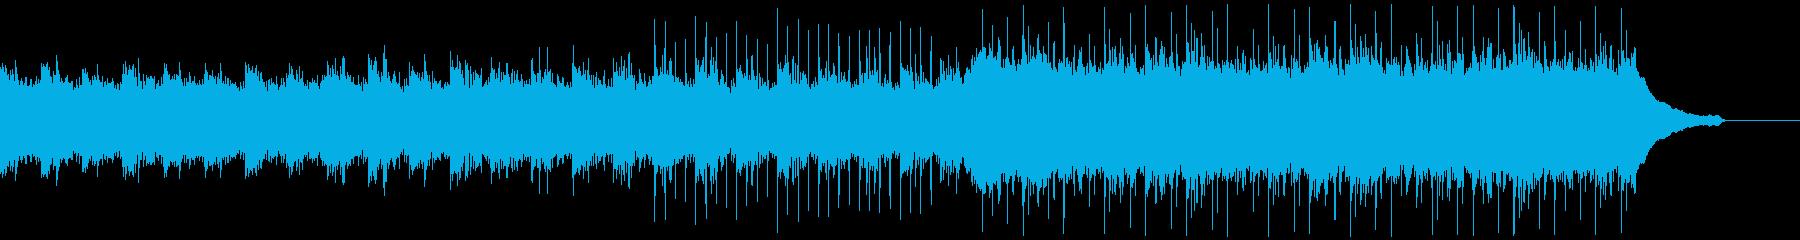 企業VP139、爽快、ポップ、ピアノbの再生済みの波形